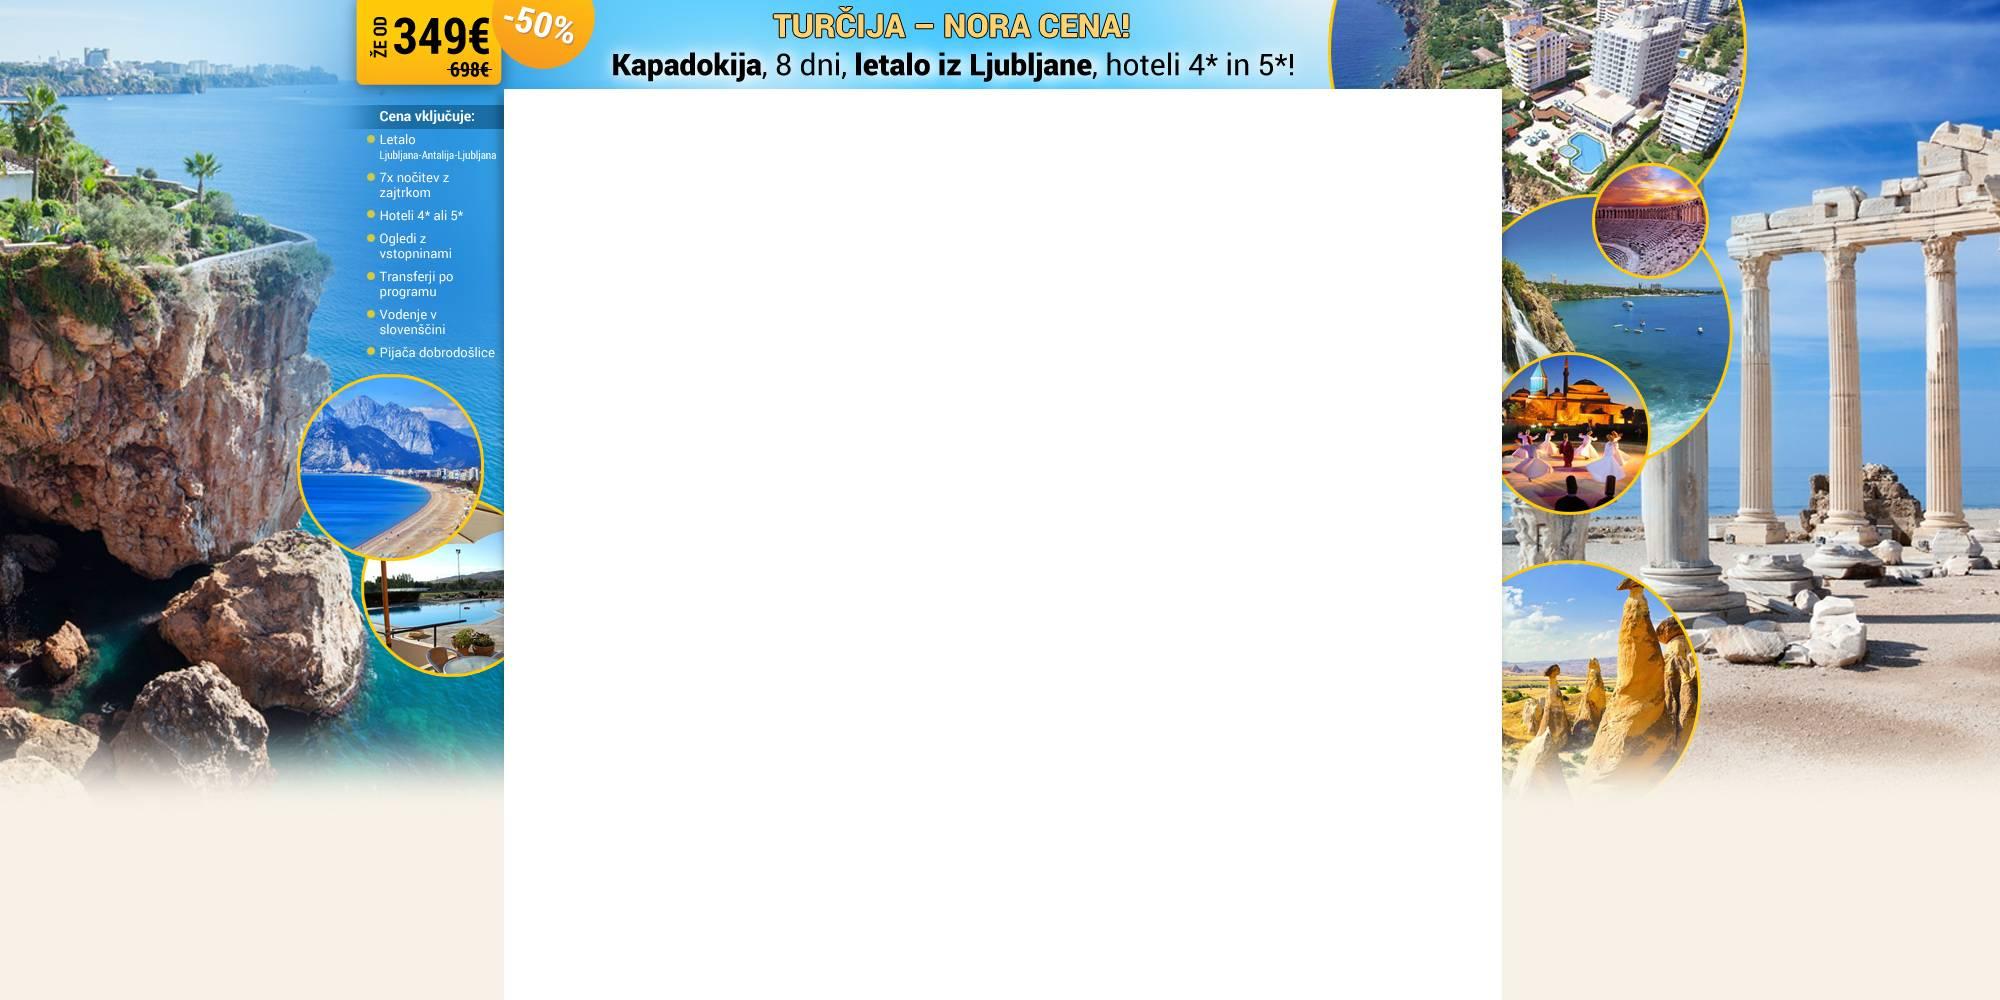 spletno ozadje Izlet v Turcijo